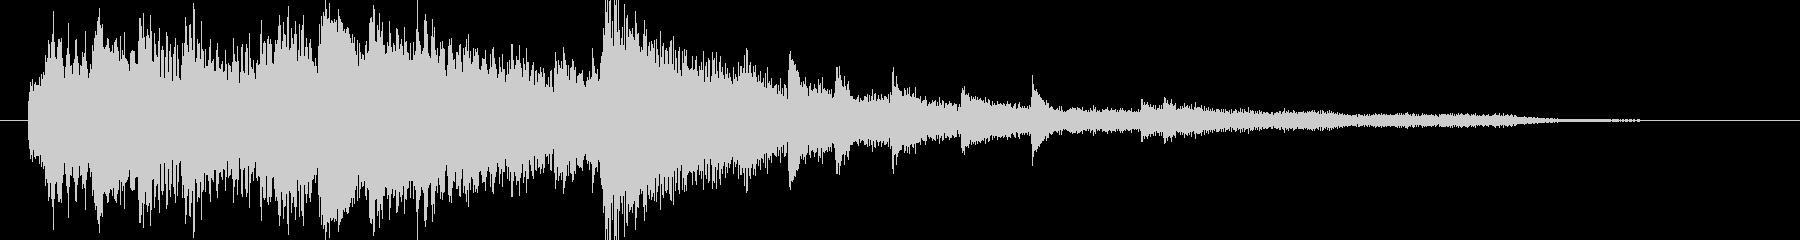 【ジングル】きれい系ピアノジングルの未再生の波形